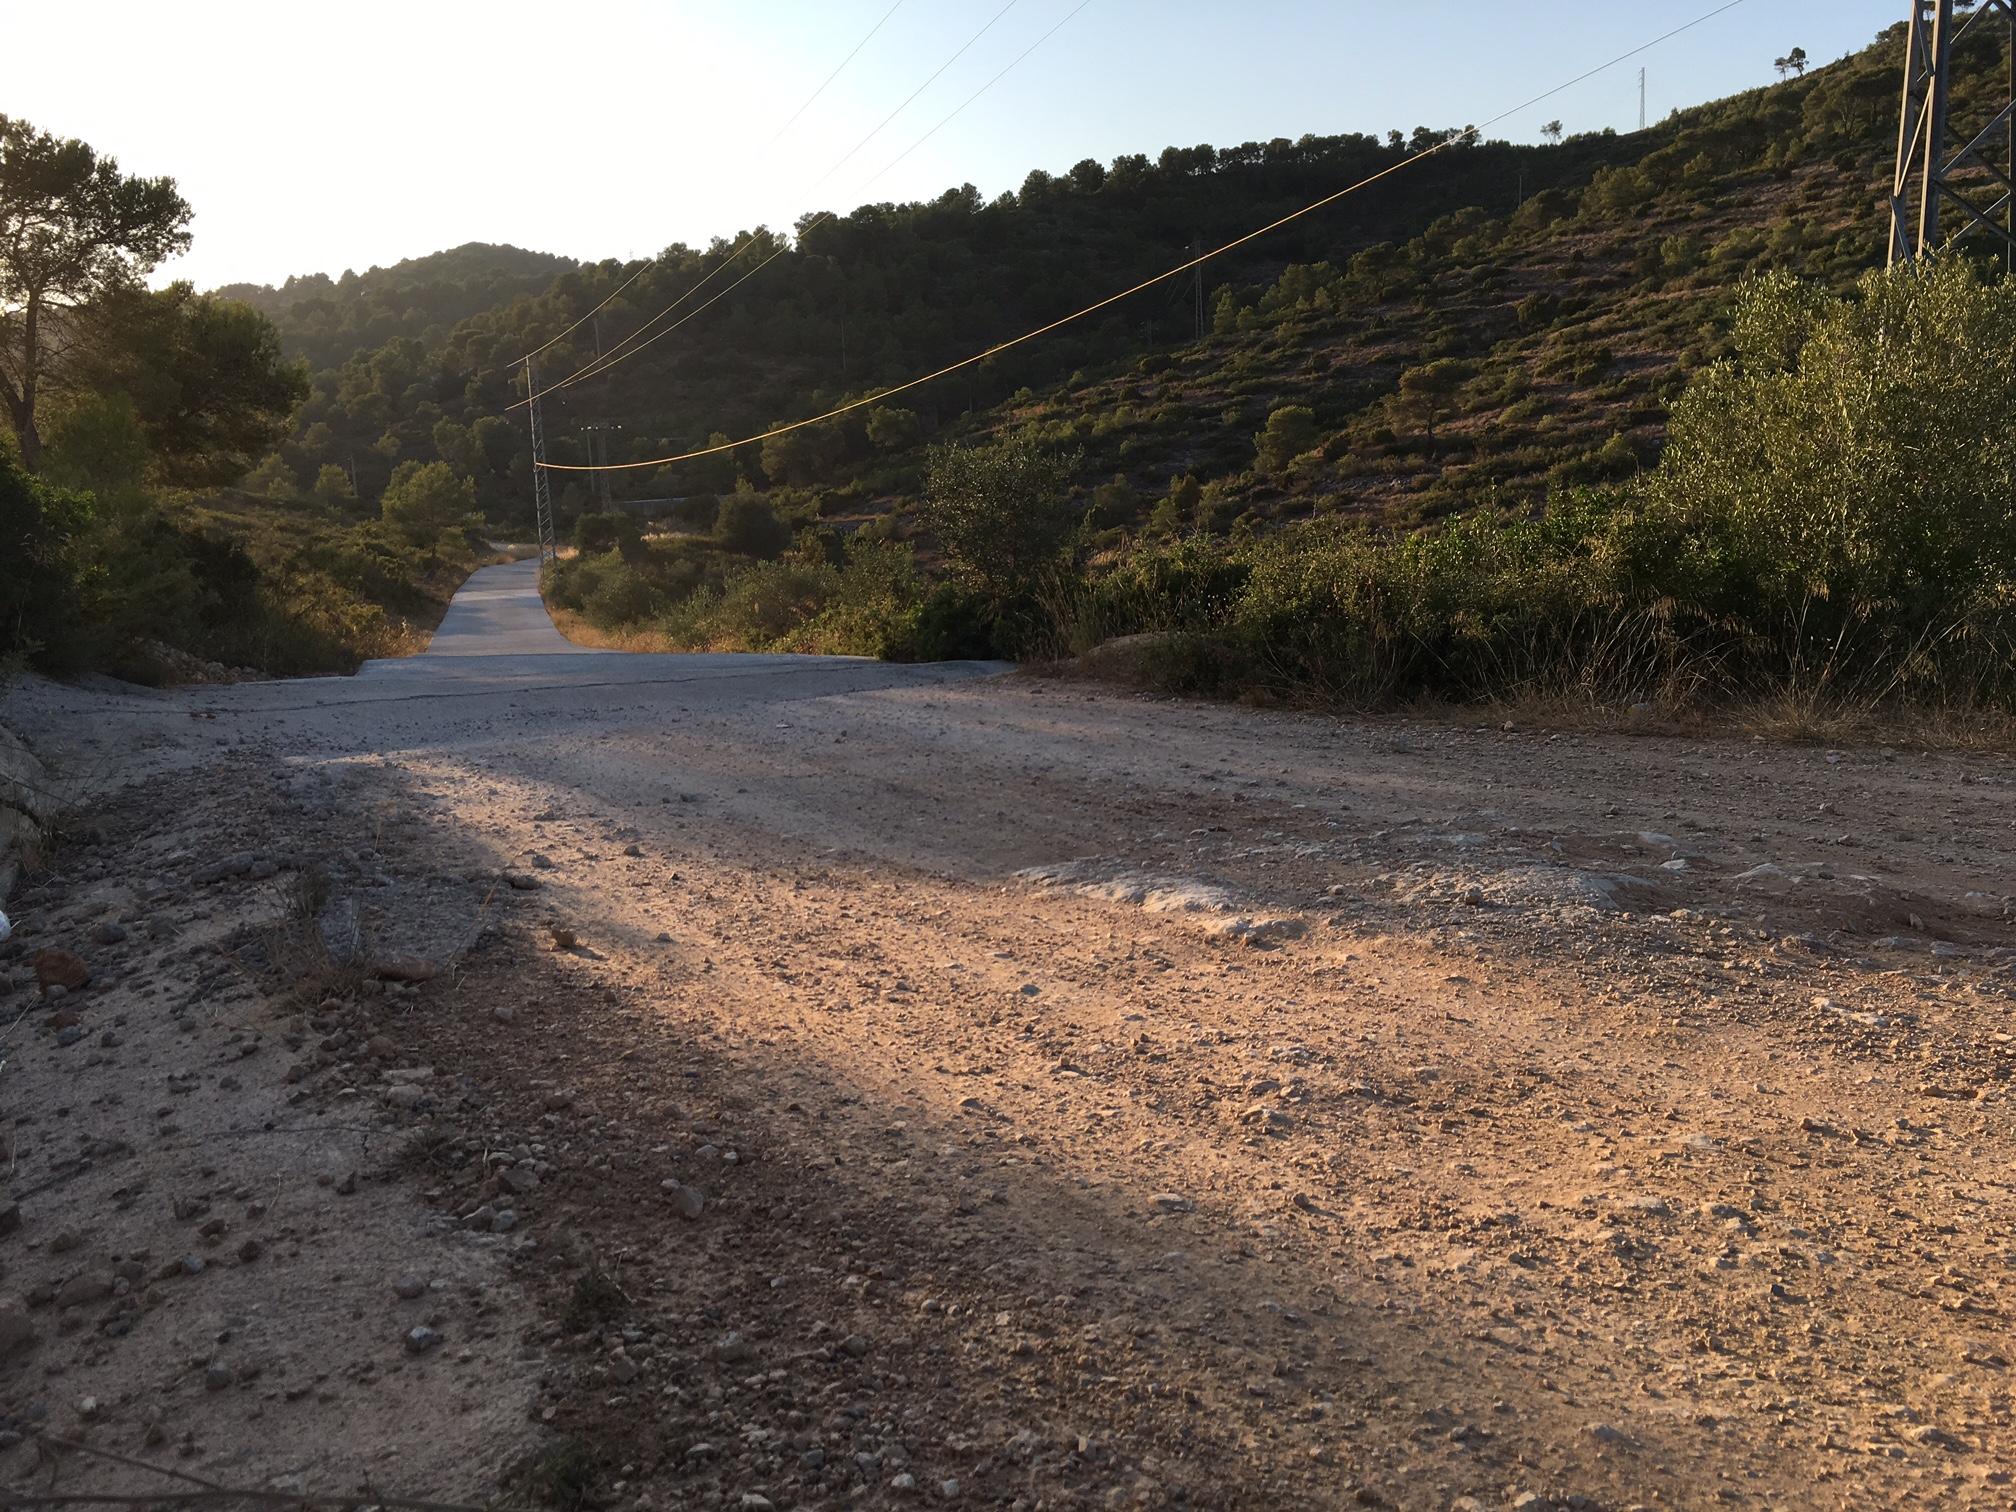 L'Ajuntament durà a terme els treballs de pavimentació de l'entrada a Santa Cristina els dies 3 i 4 de juliol